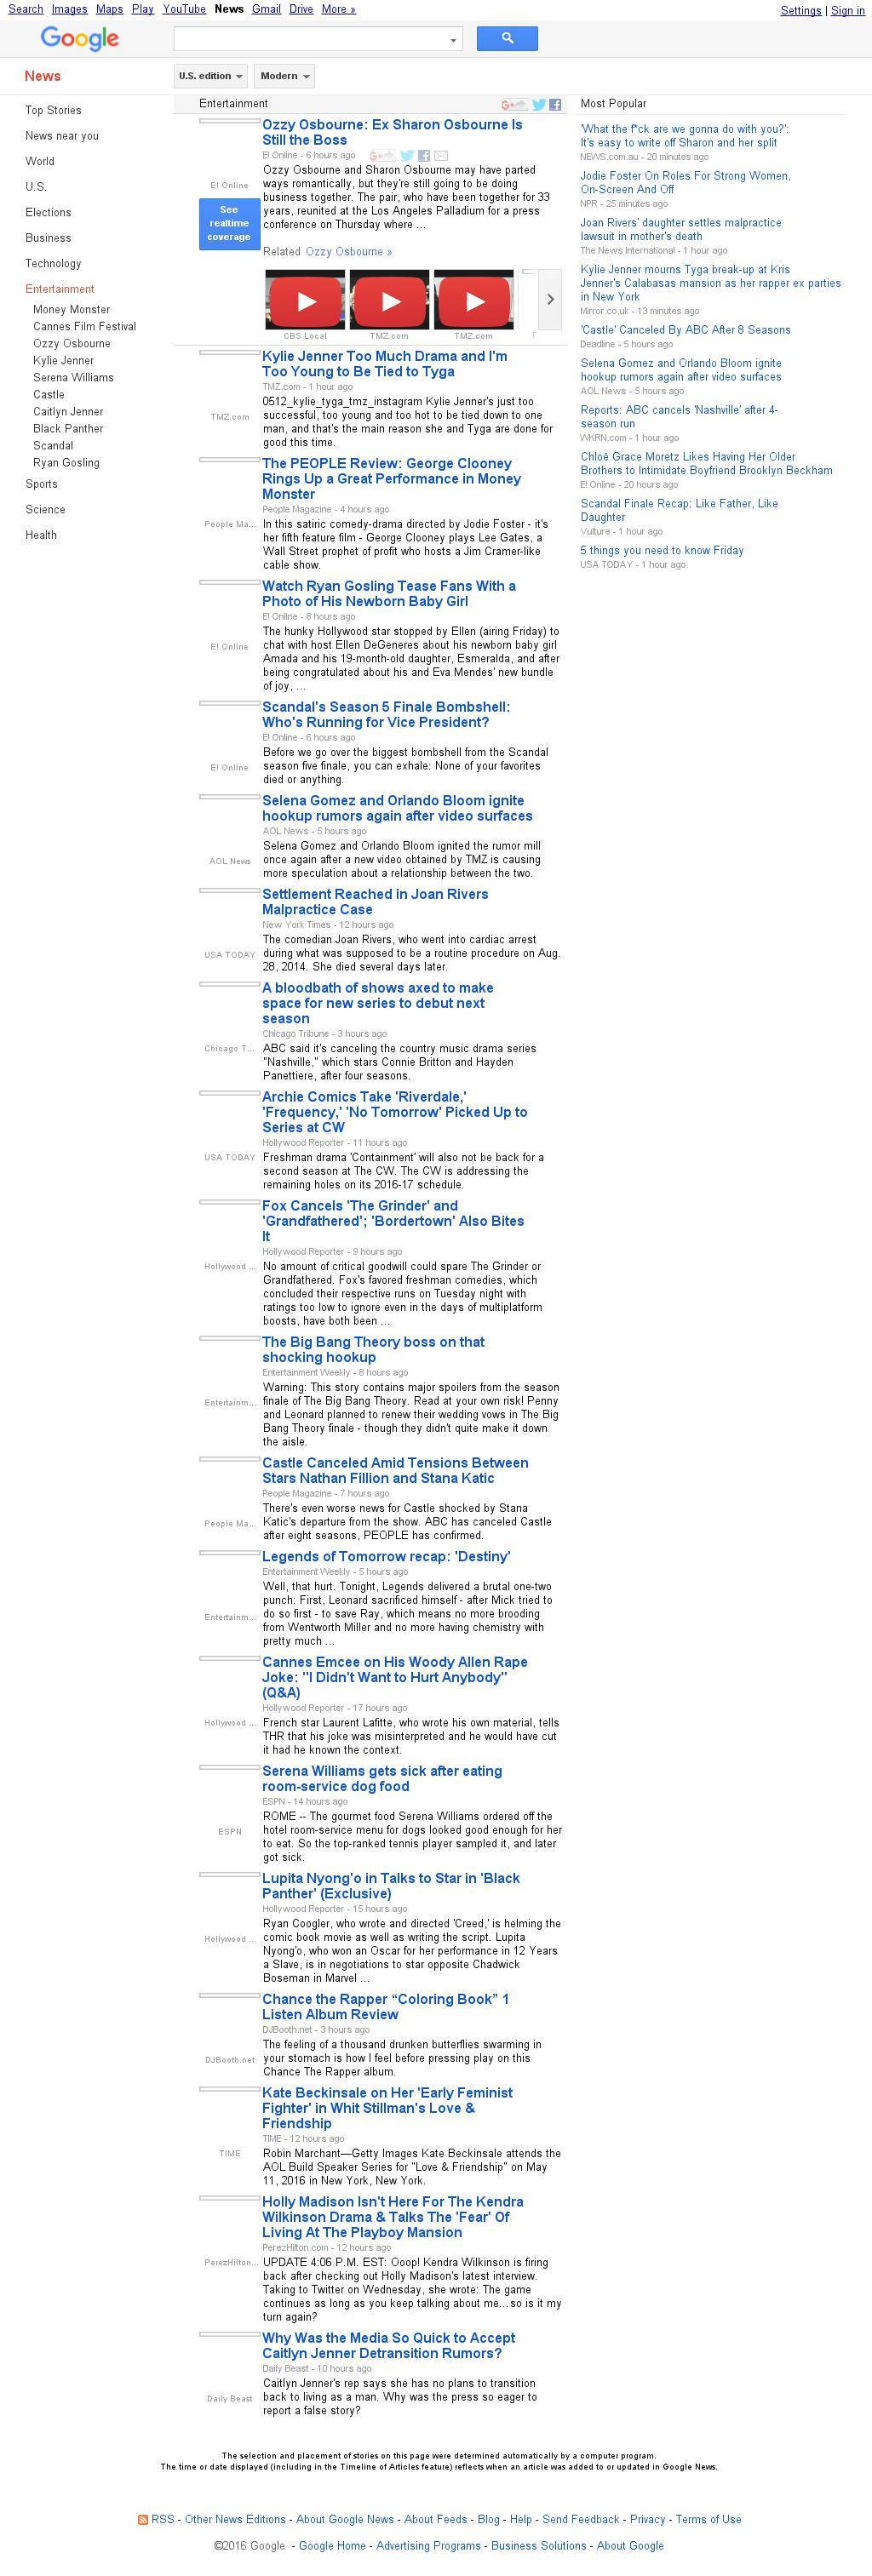 Google News: Entertainment at Friday May 13, 2016, 9:07 a.m. UTC